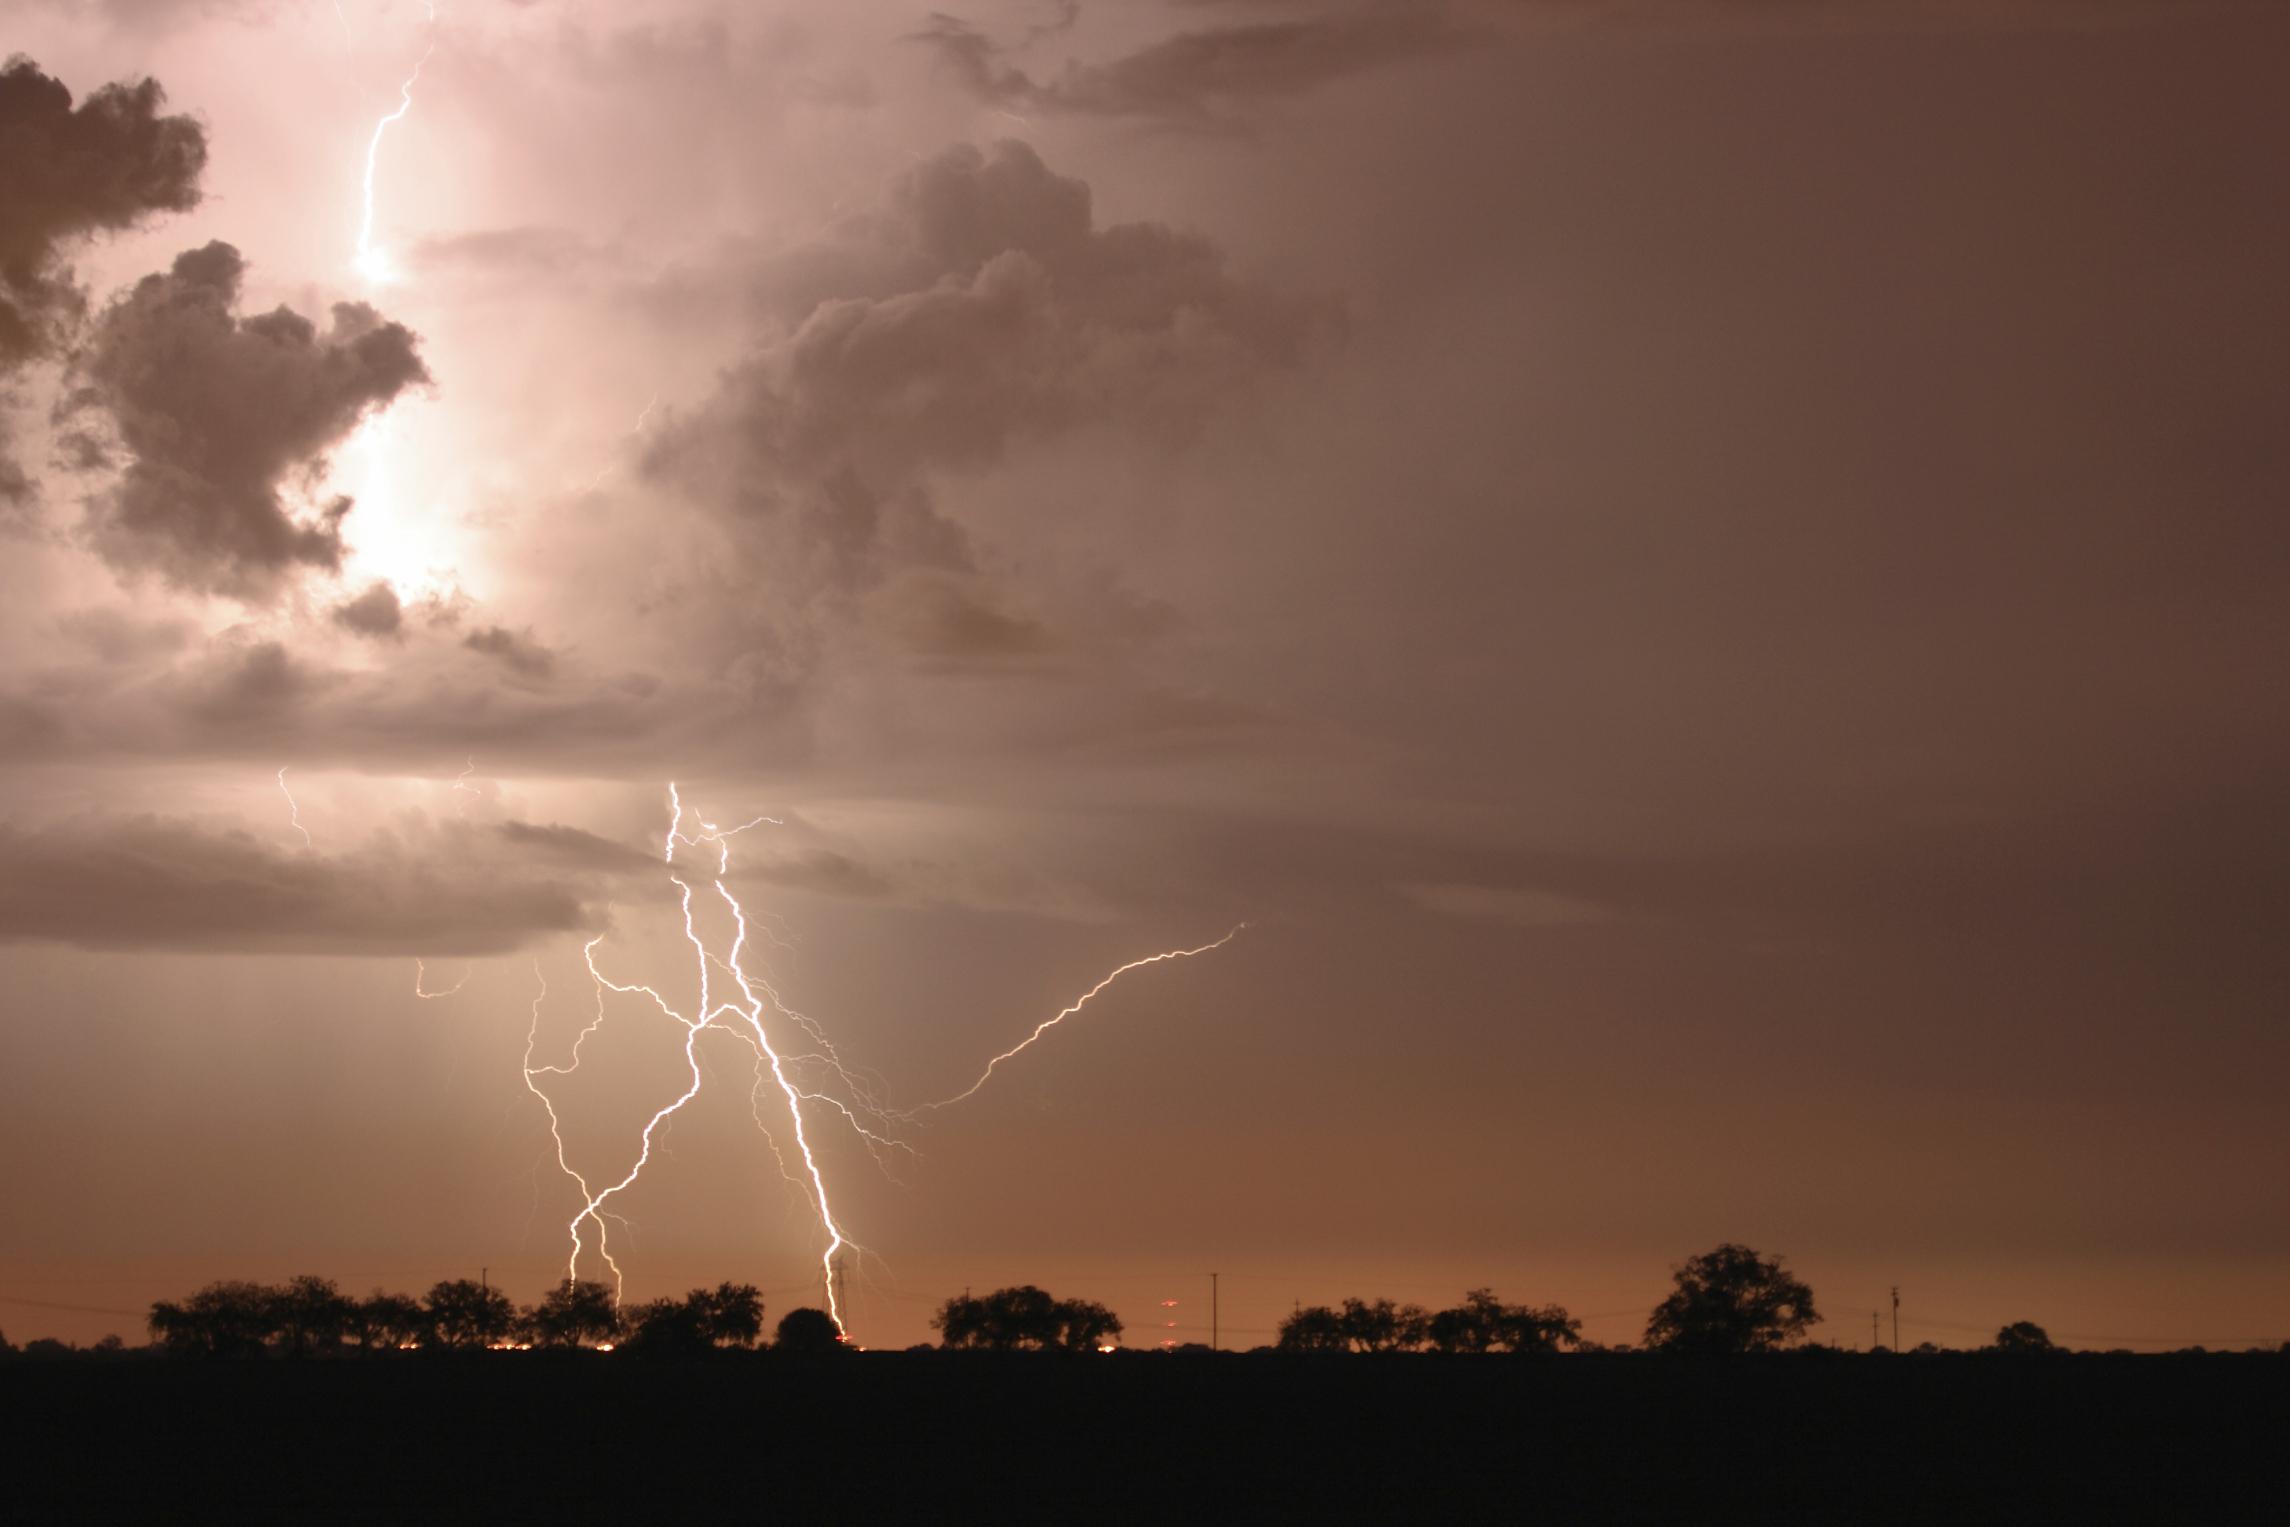 Lightning storm over Sacramento, CA